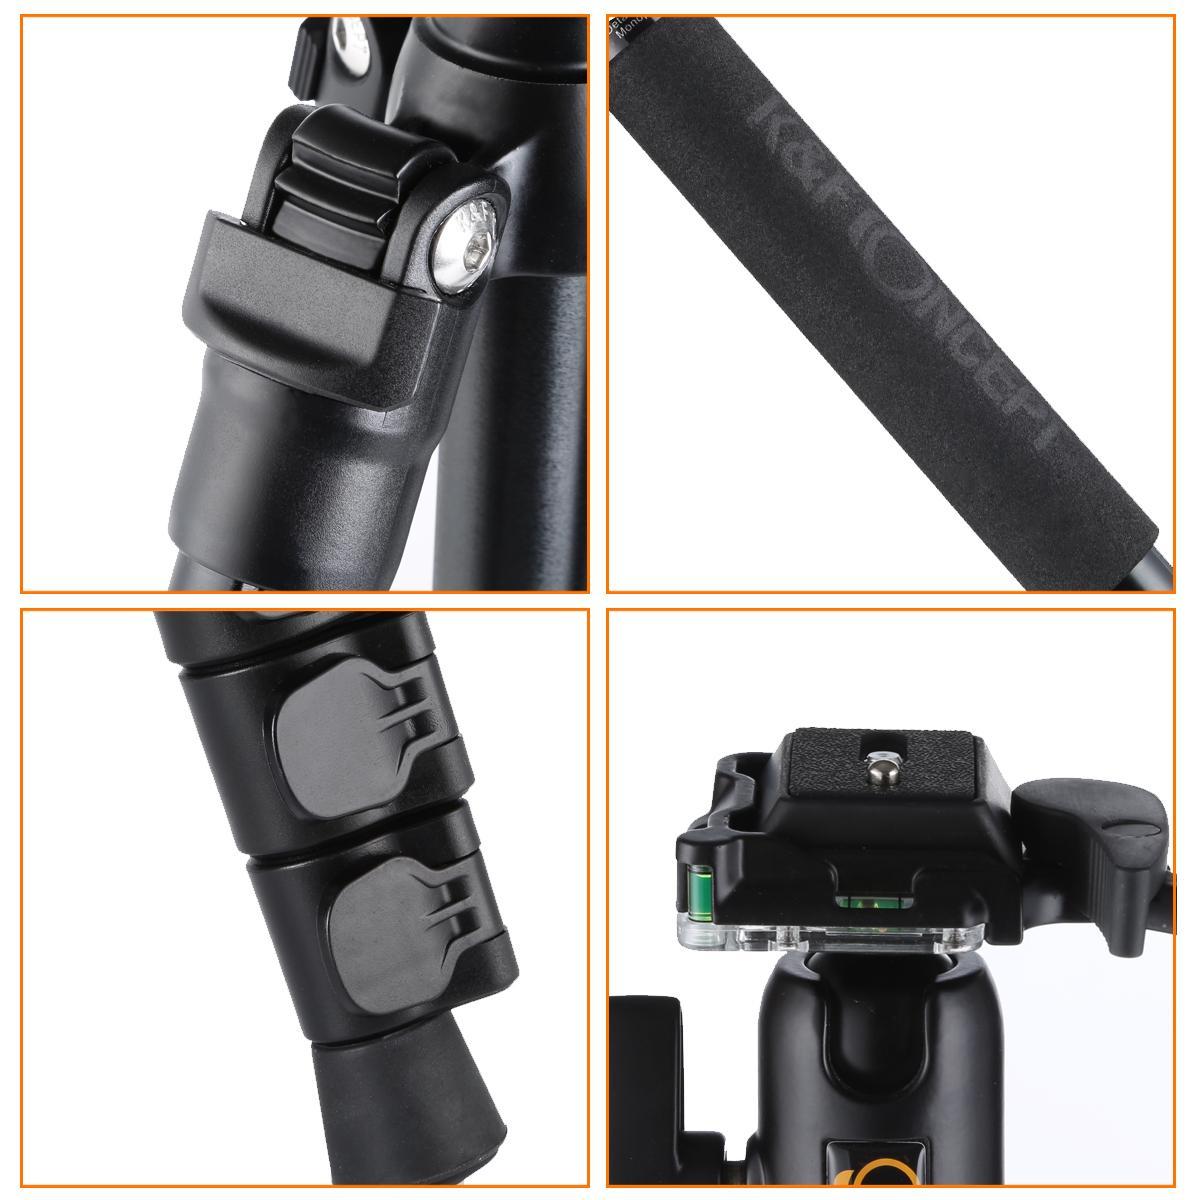 TM2524 Lichtgewicht reisstatief Monopod voor DSLR-camera aluminium balhoofd